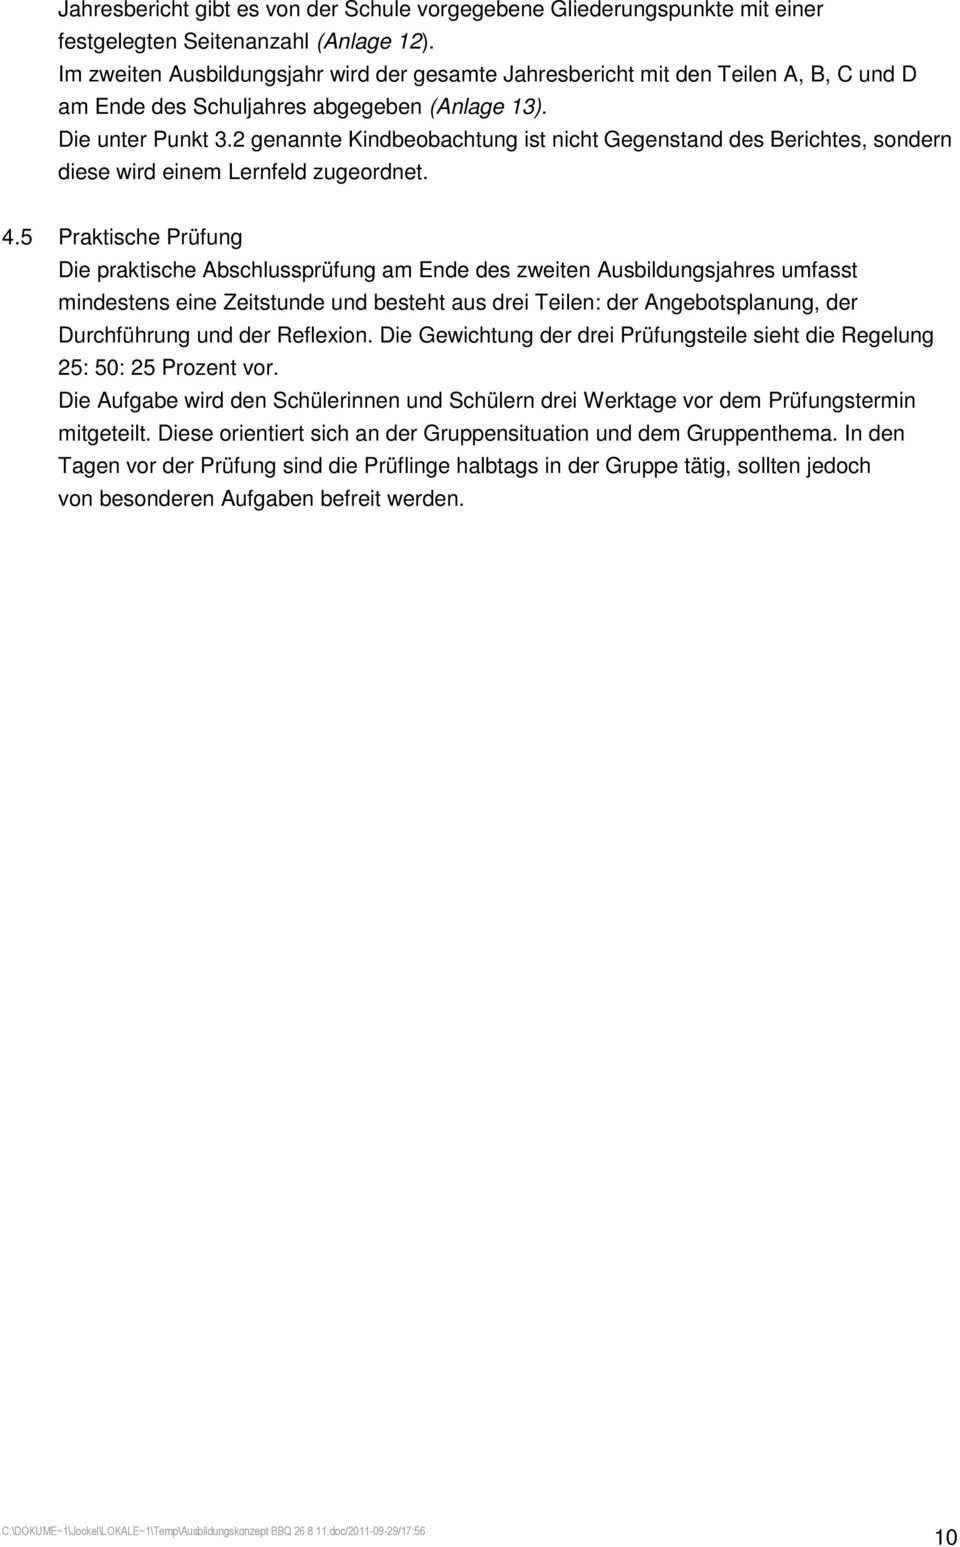 Bbs Rotenburg Verdener Str Rotenburg Ausbildungskonzept Pdf Kostenfreier Download